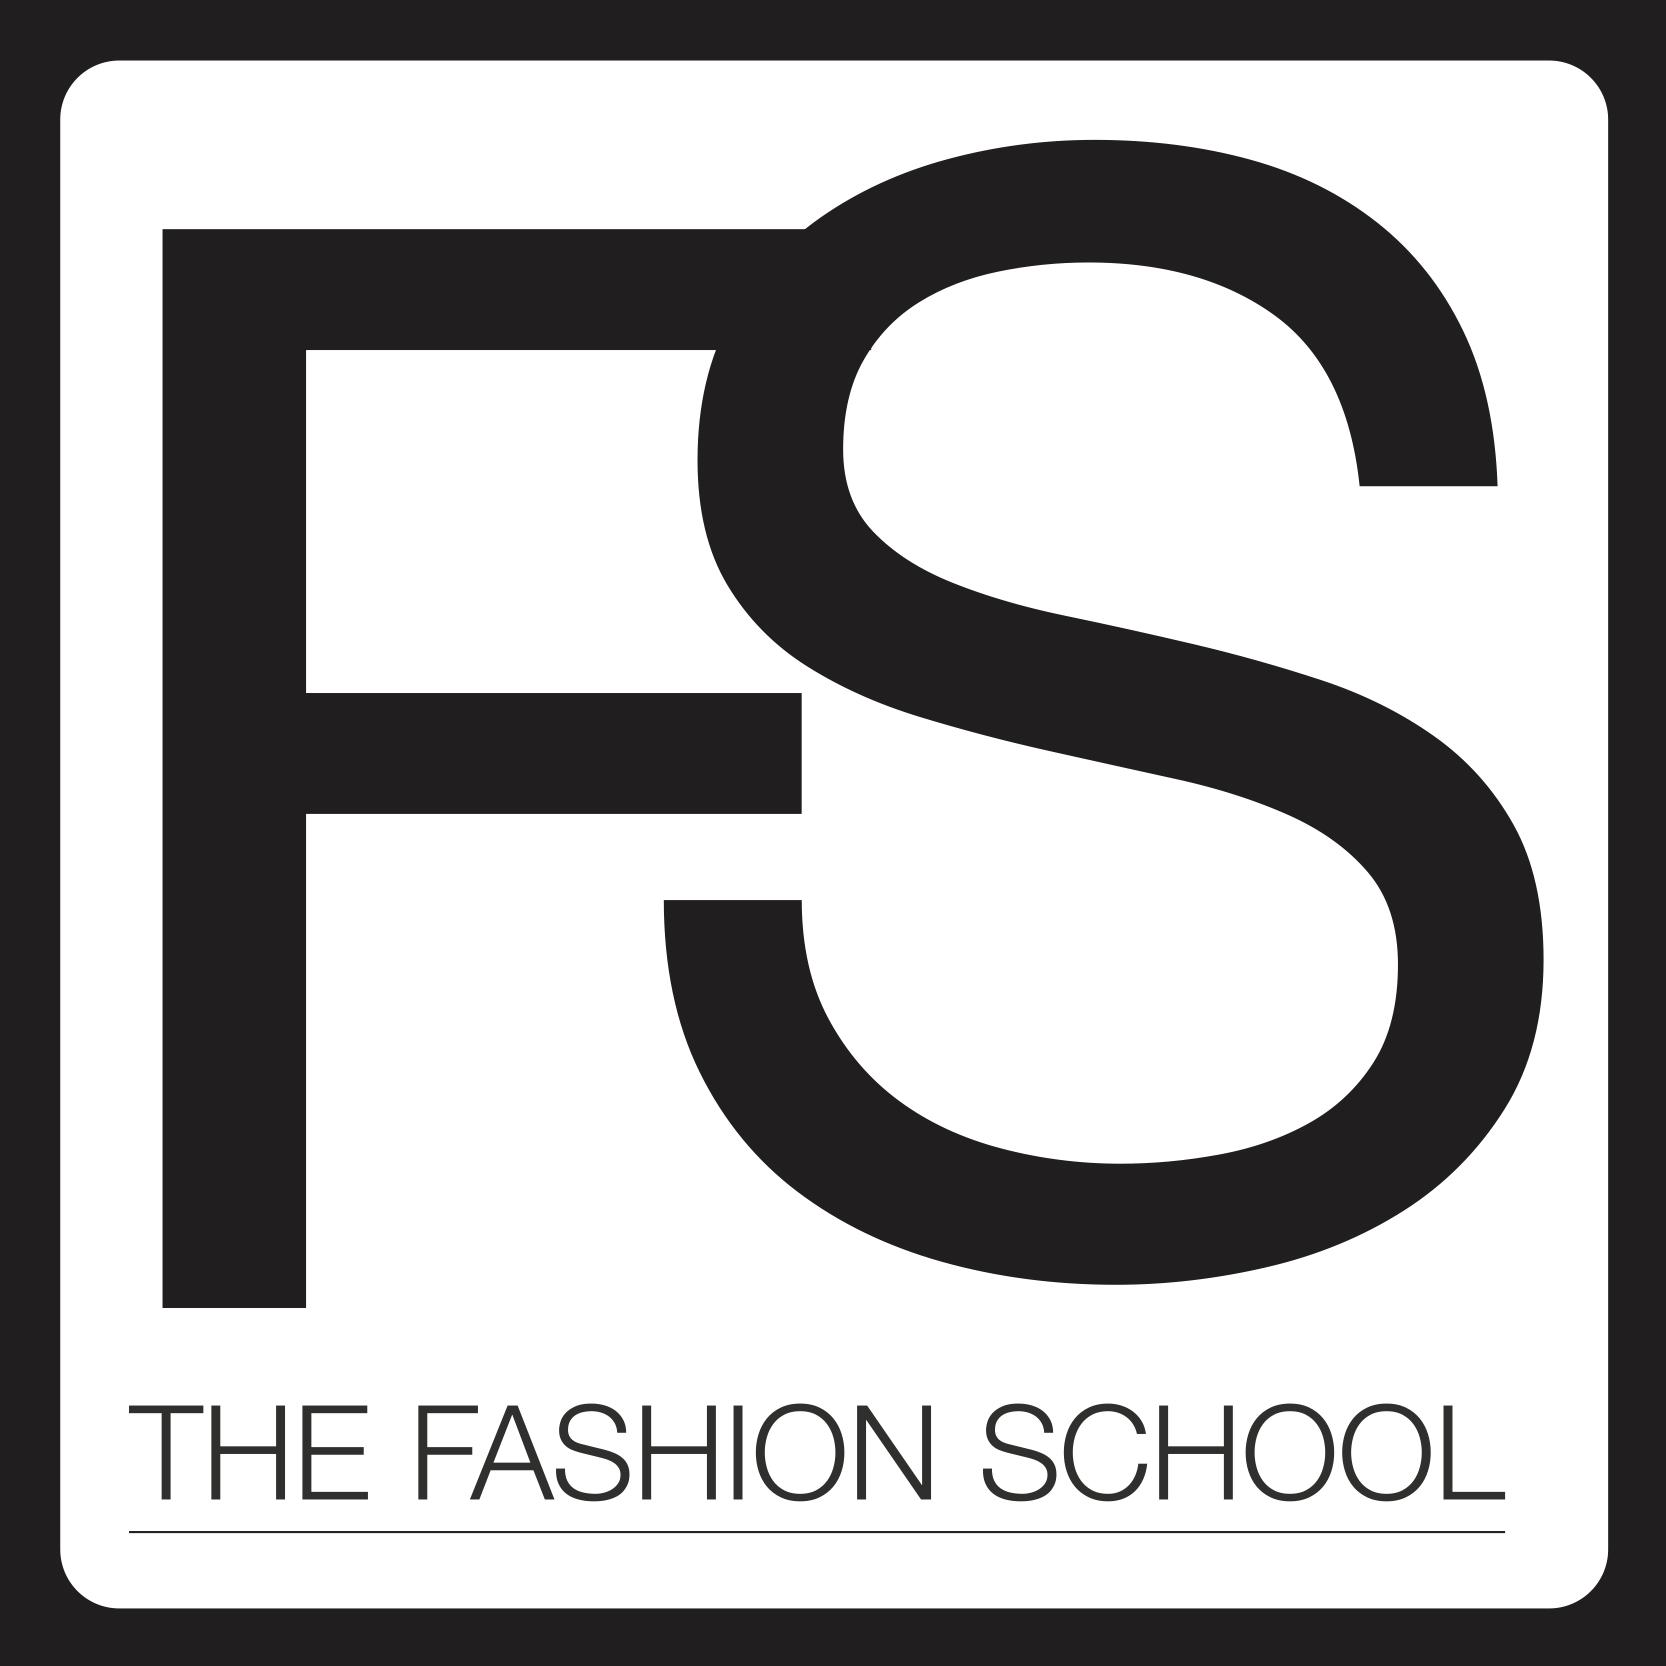 fashion school logo